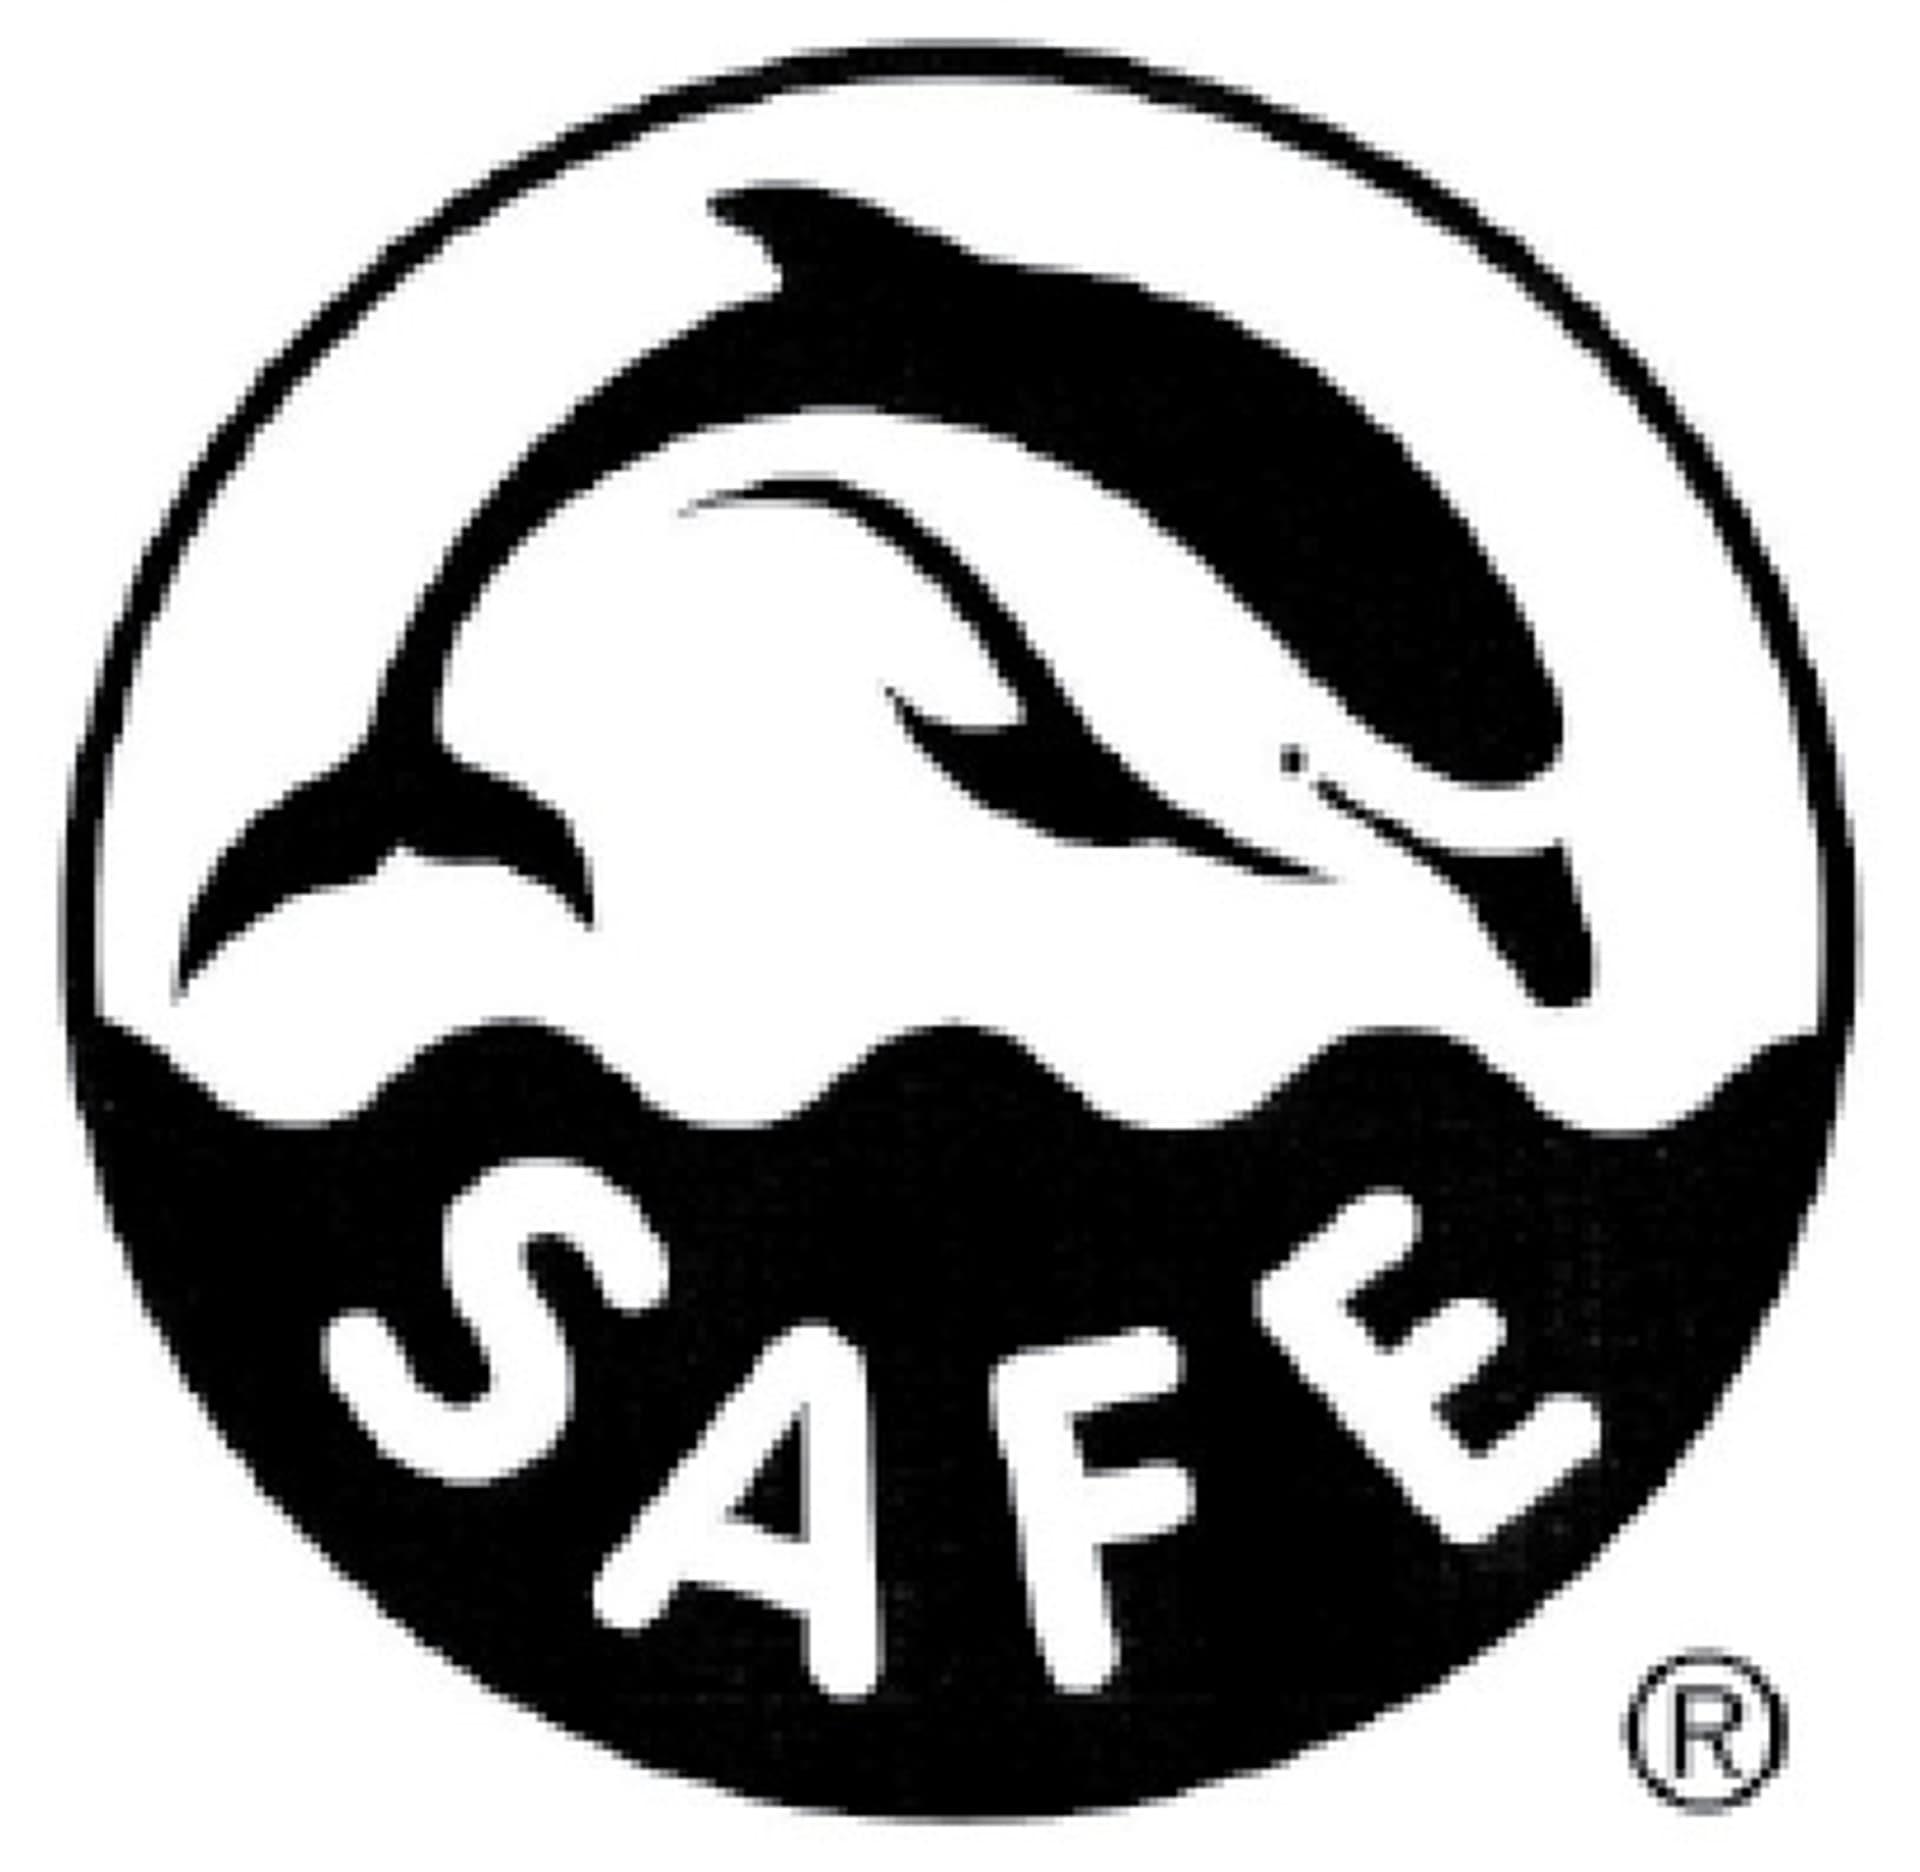 Wofür das Fisch-Label SAFE?